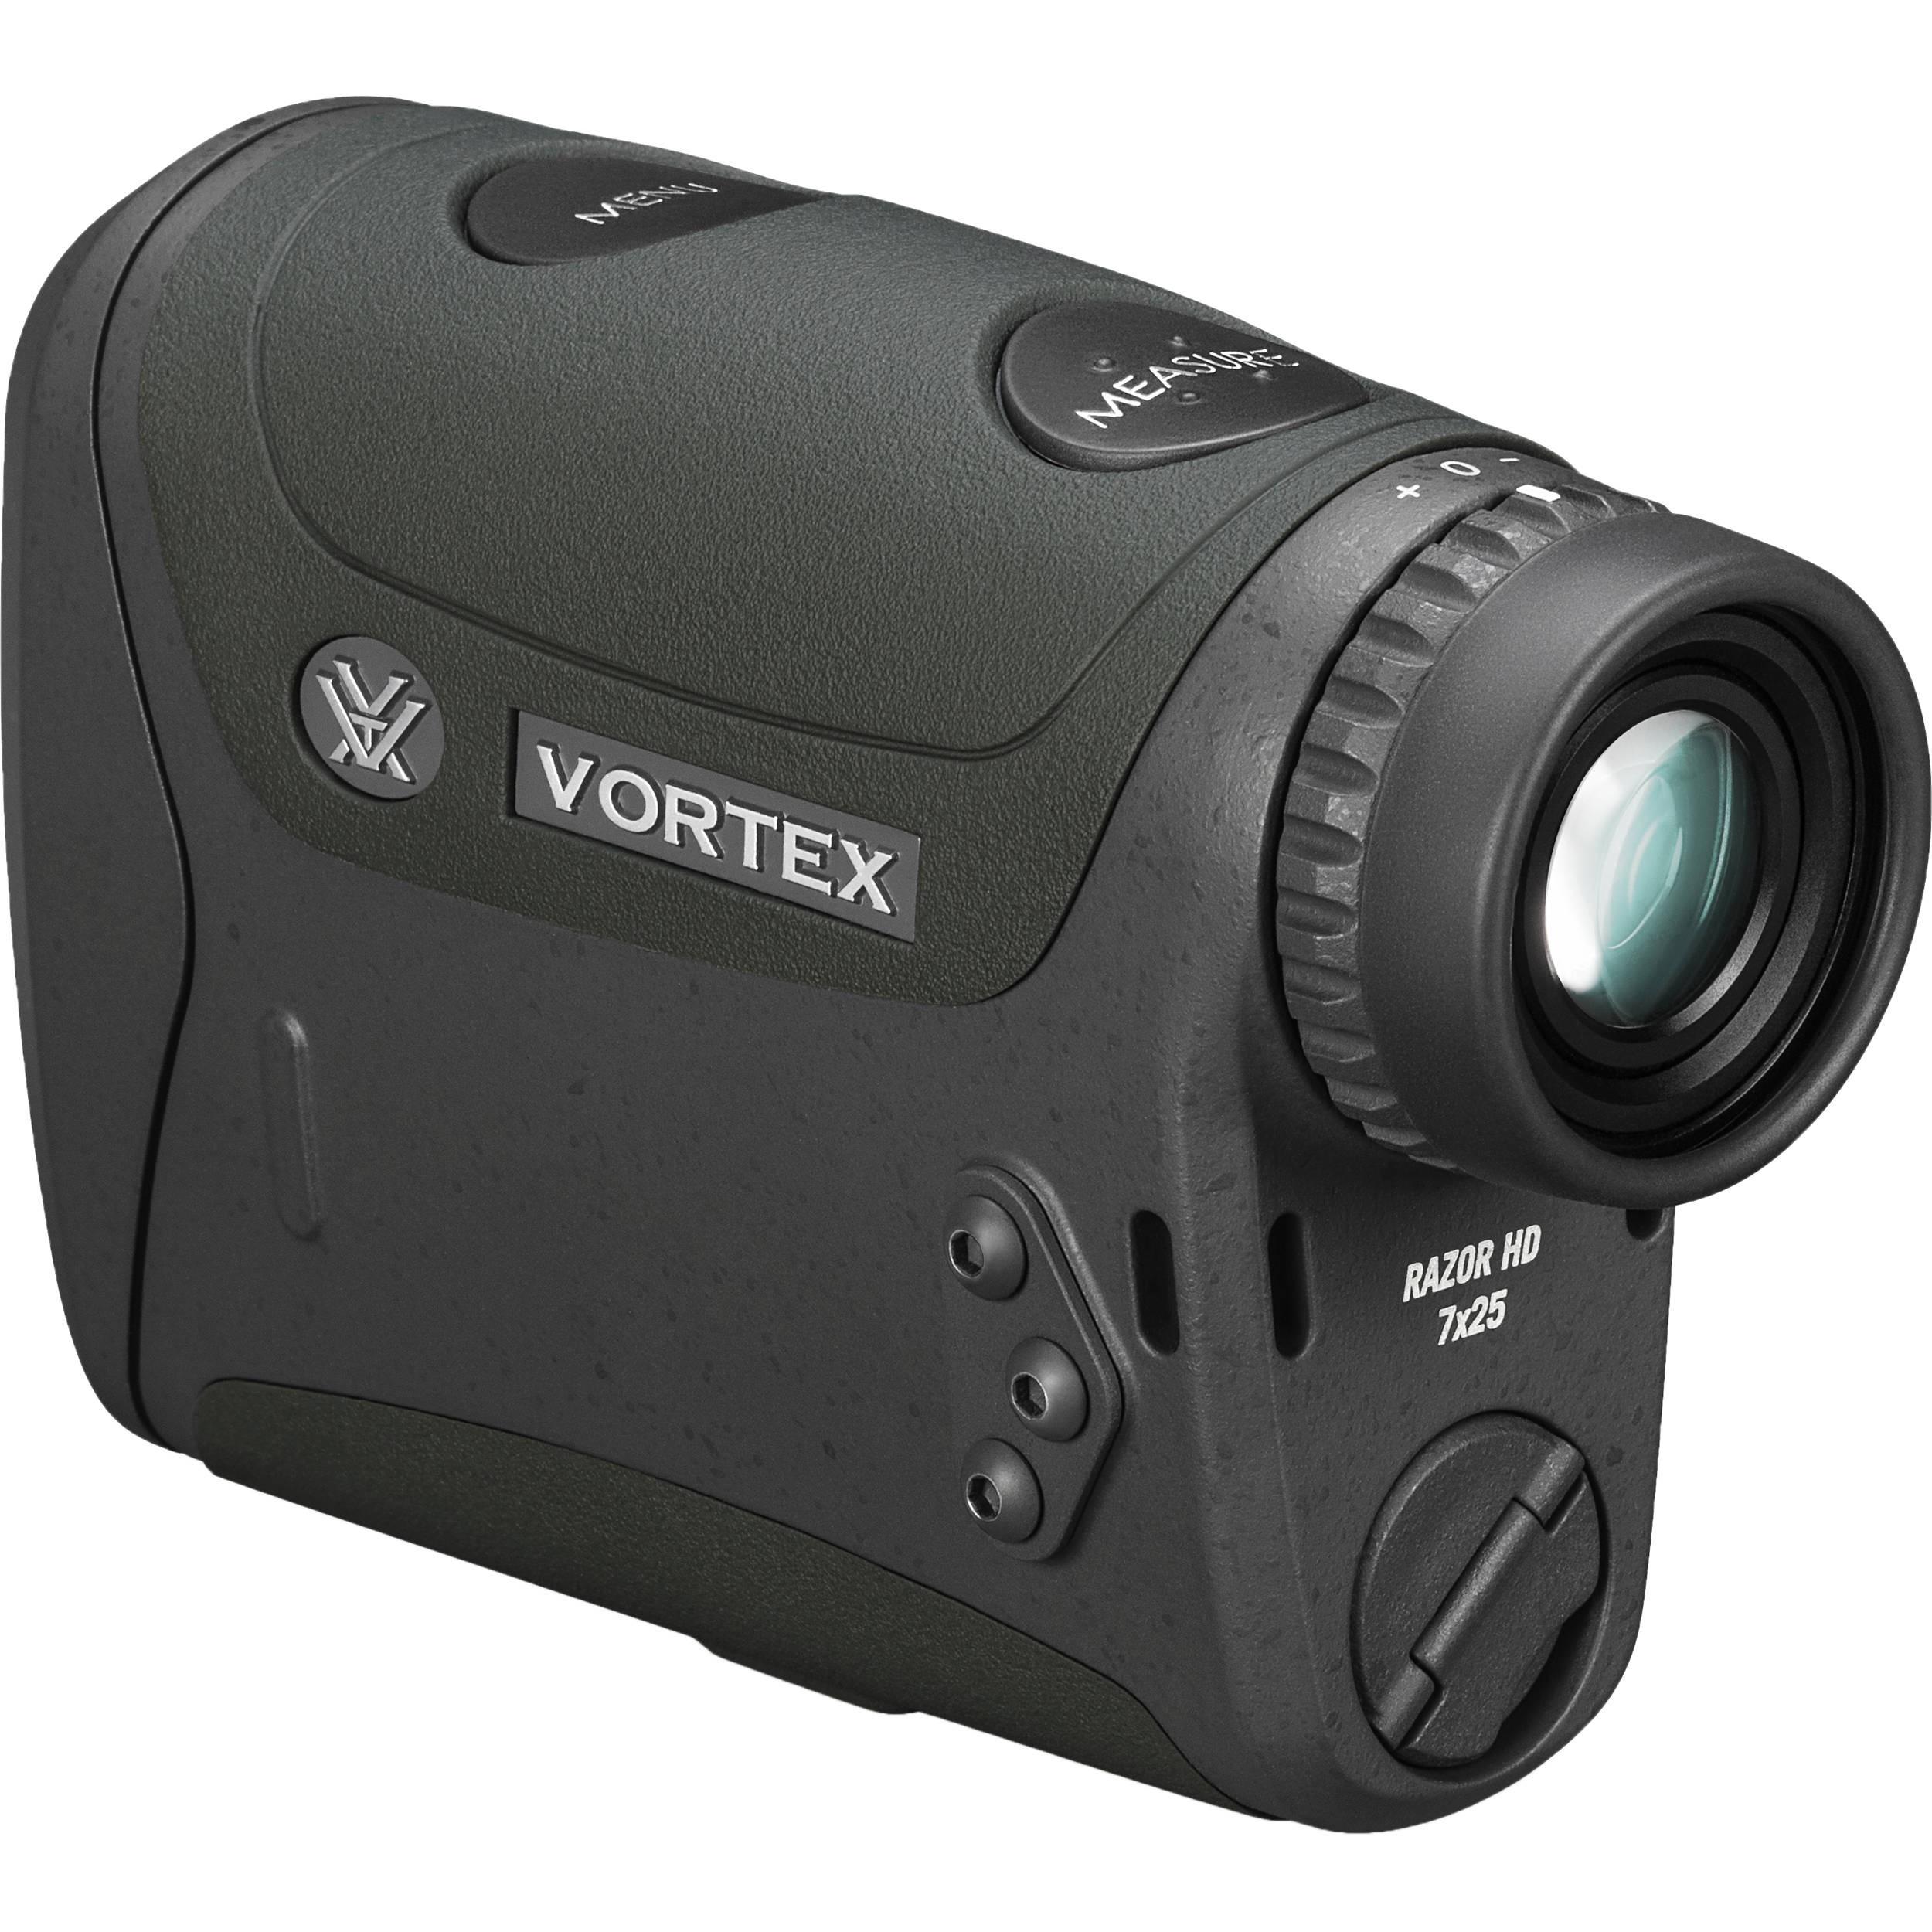 Vortex 7x25 Razor HD 4000 Laser Rangefinder